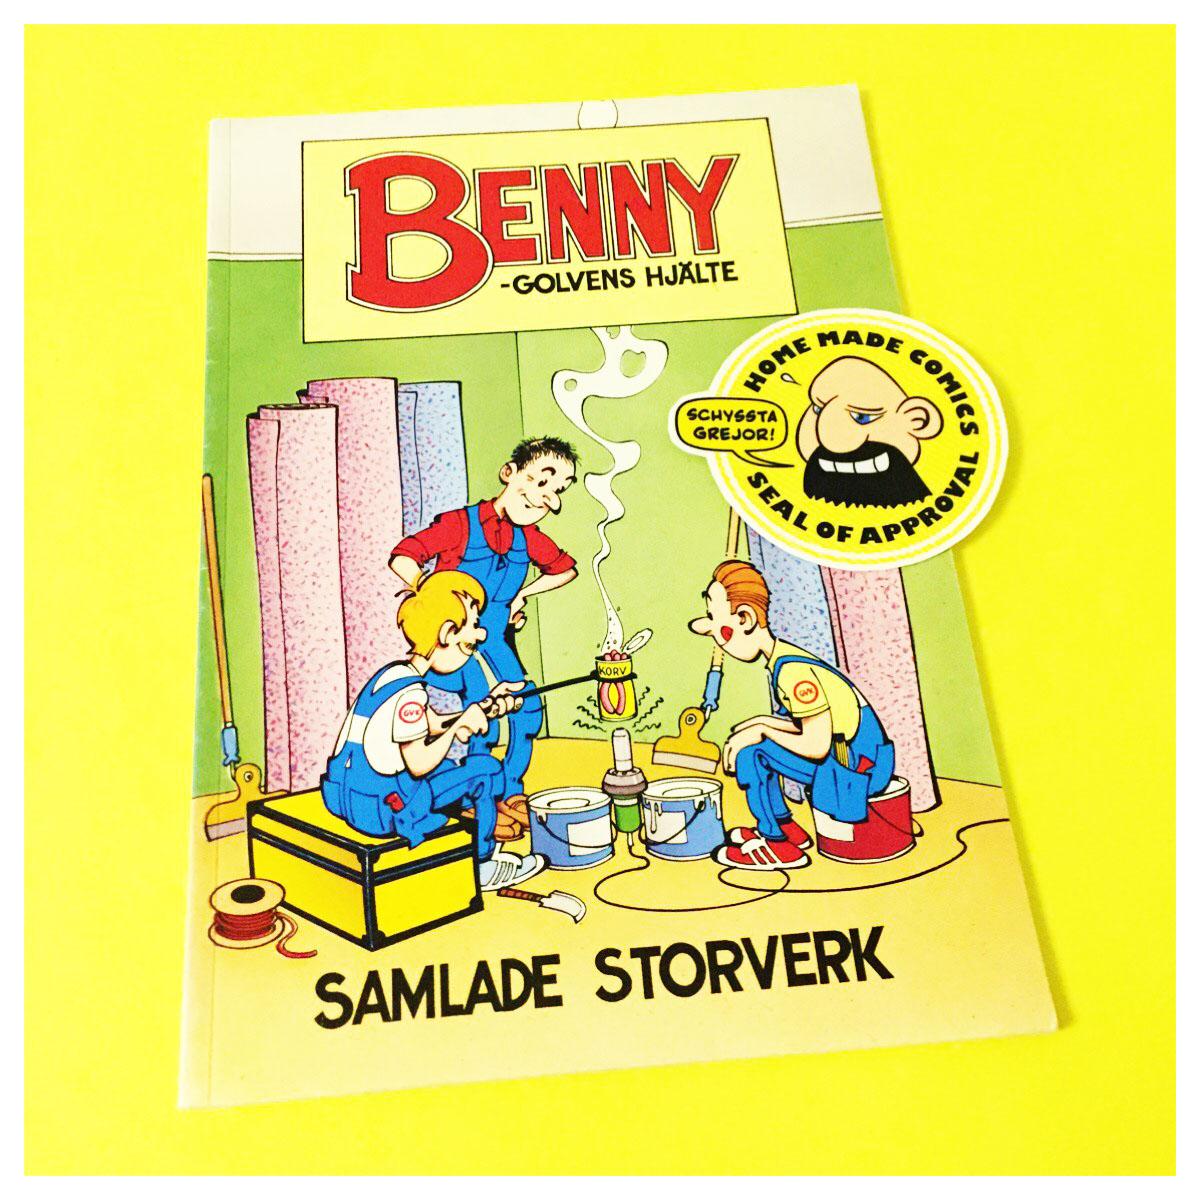 Home Made Comics Seal of Approval #191. Benny – Golvens hjälte Samlade storverk av Ulf Jansson utgiven av Golvbranschens Förlags AB 1994.